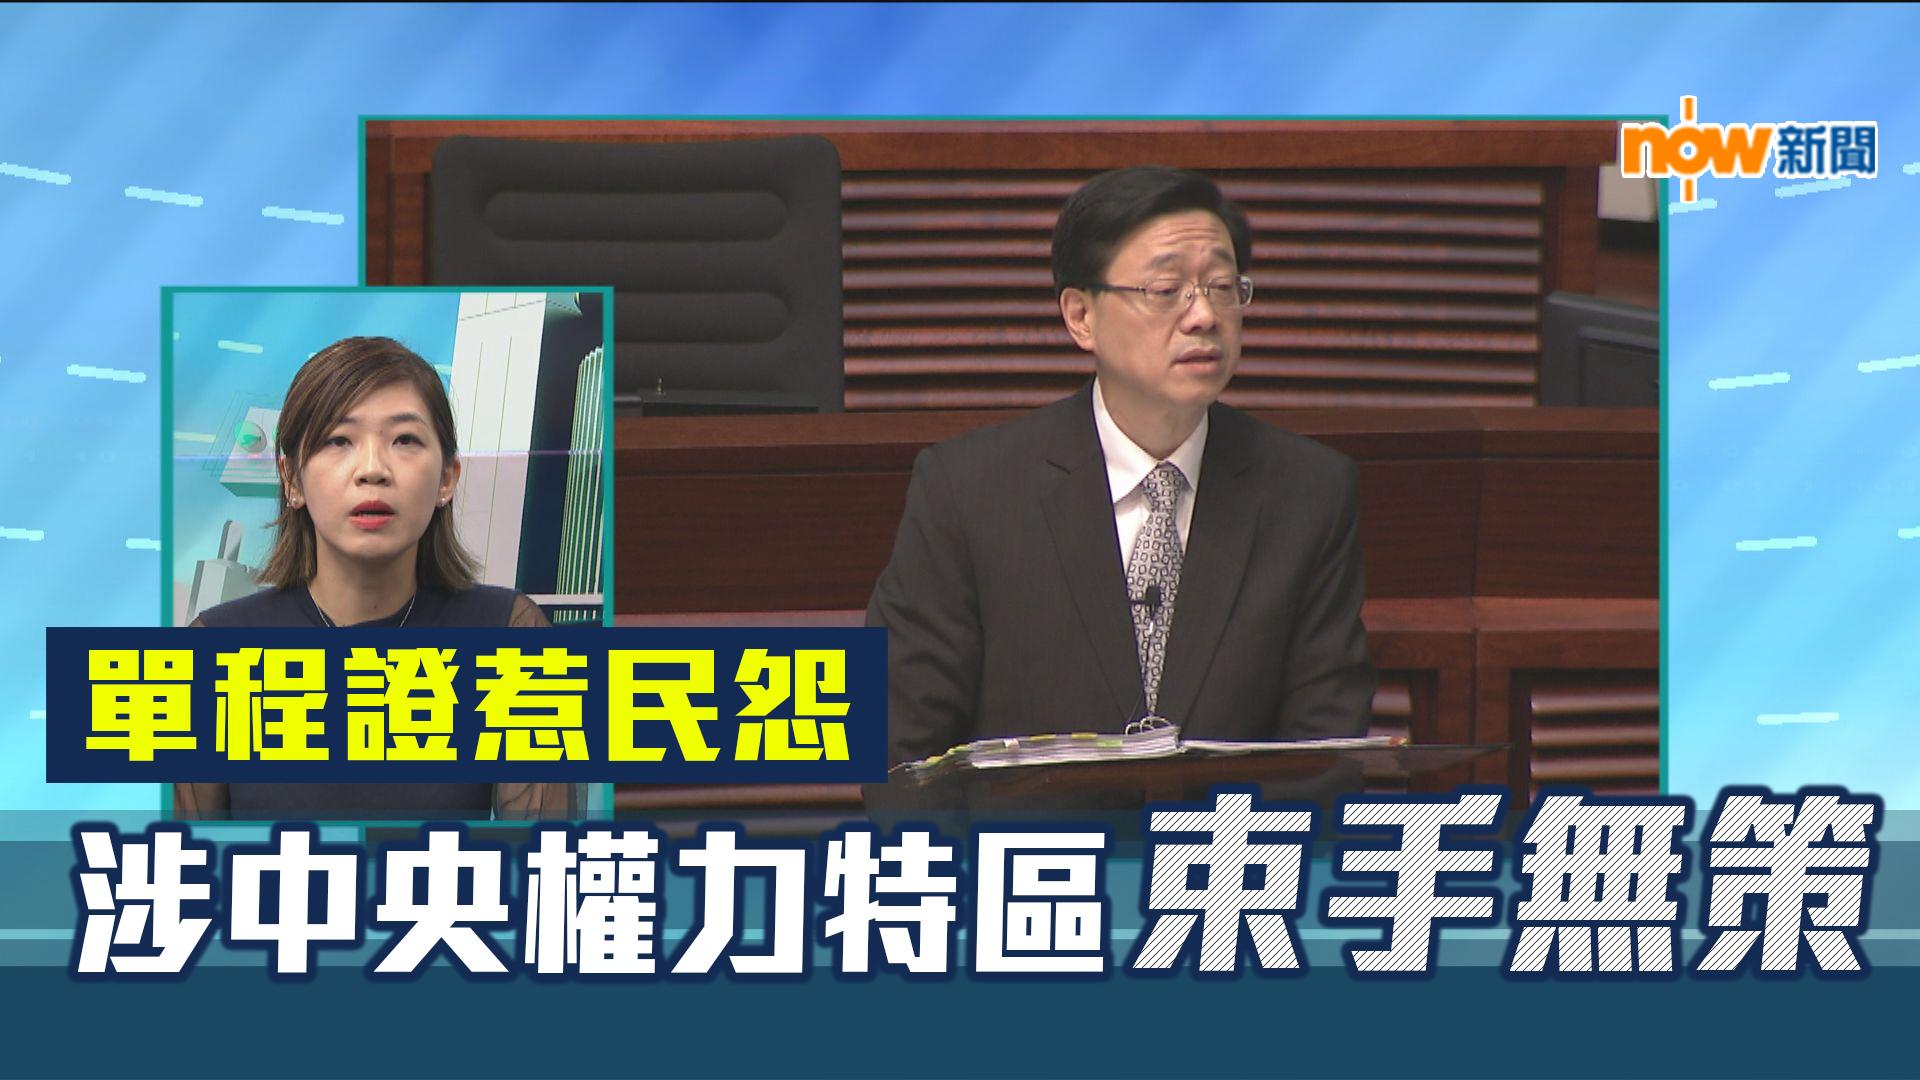 【政情】單程證惹民怨 涉中央權力特區束手無策